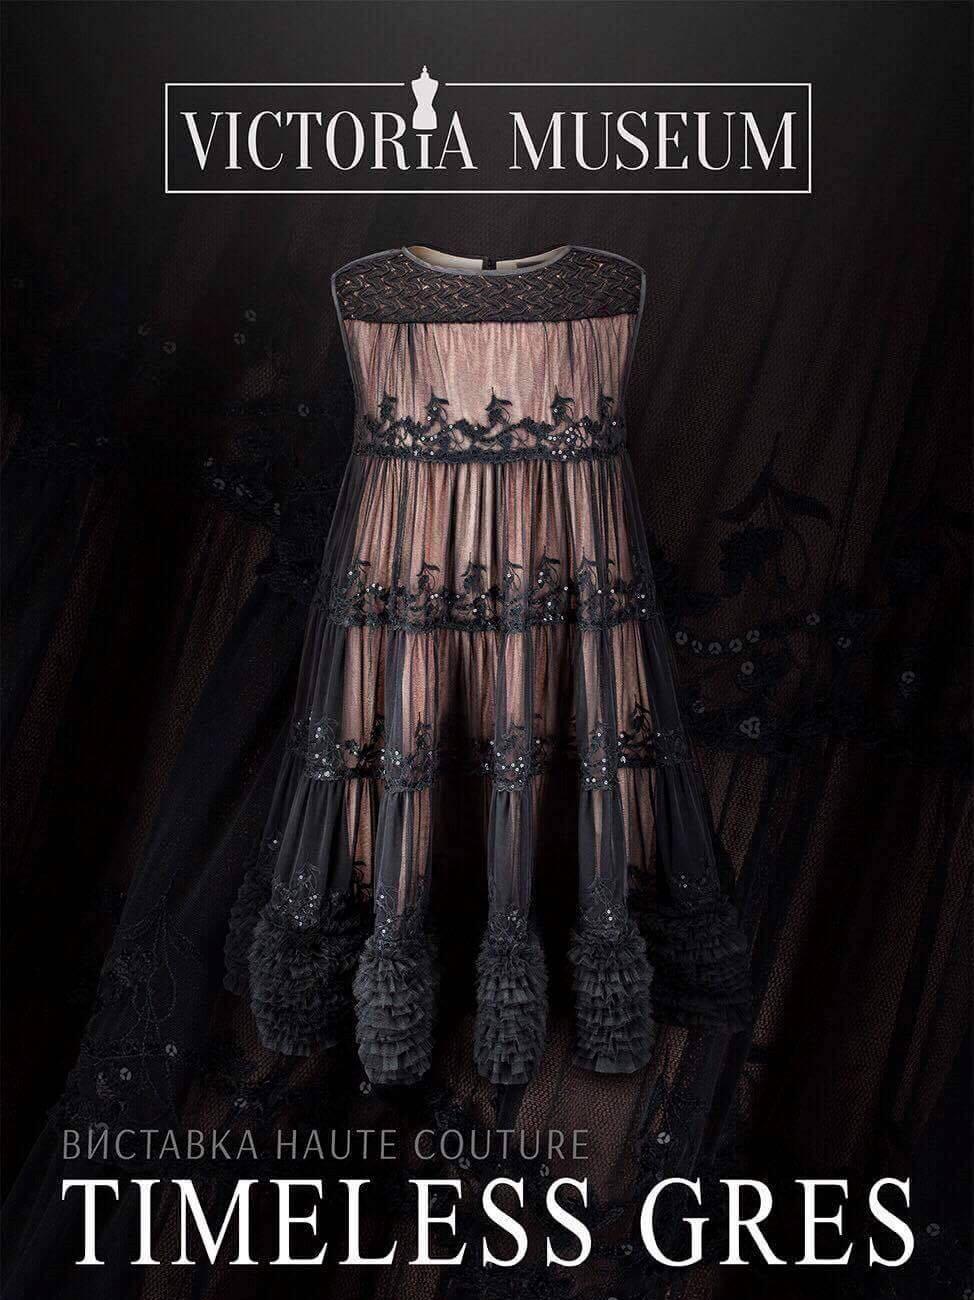 Впервые в Украине: Выставка платьев haute couture бренда Victoria Gres-Фото 1